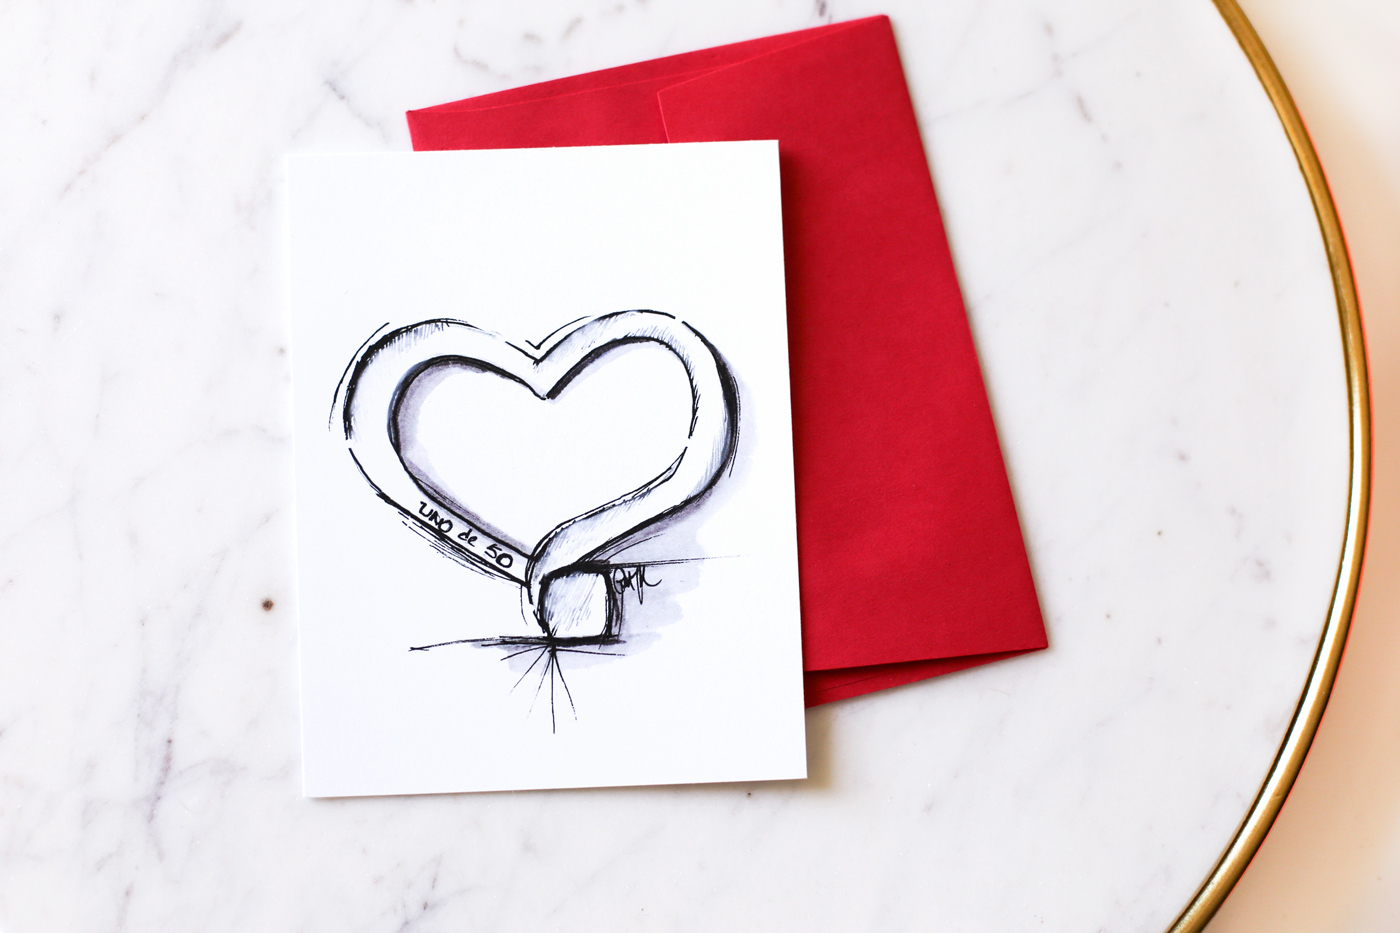 Uno de 50 Heart